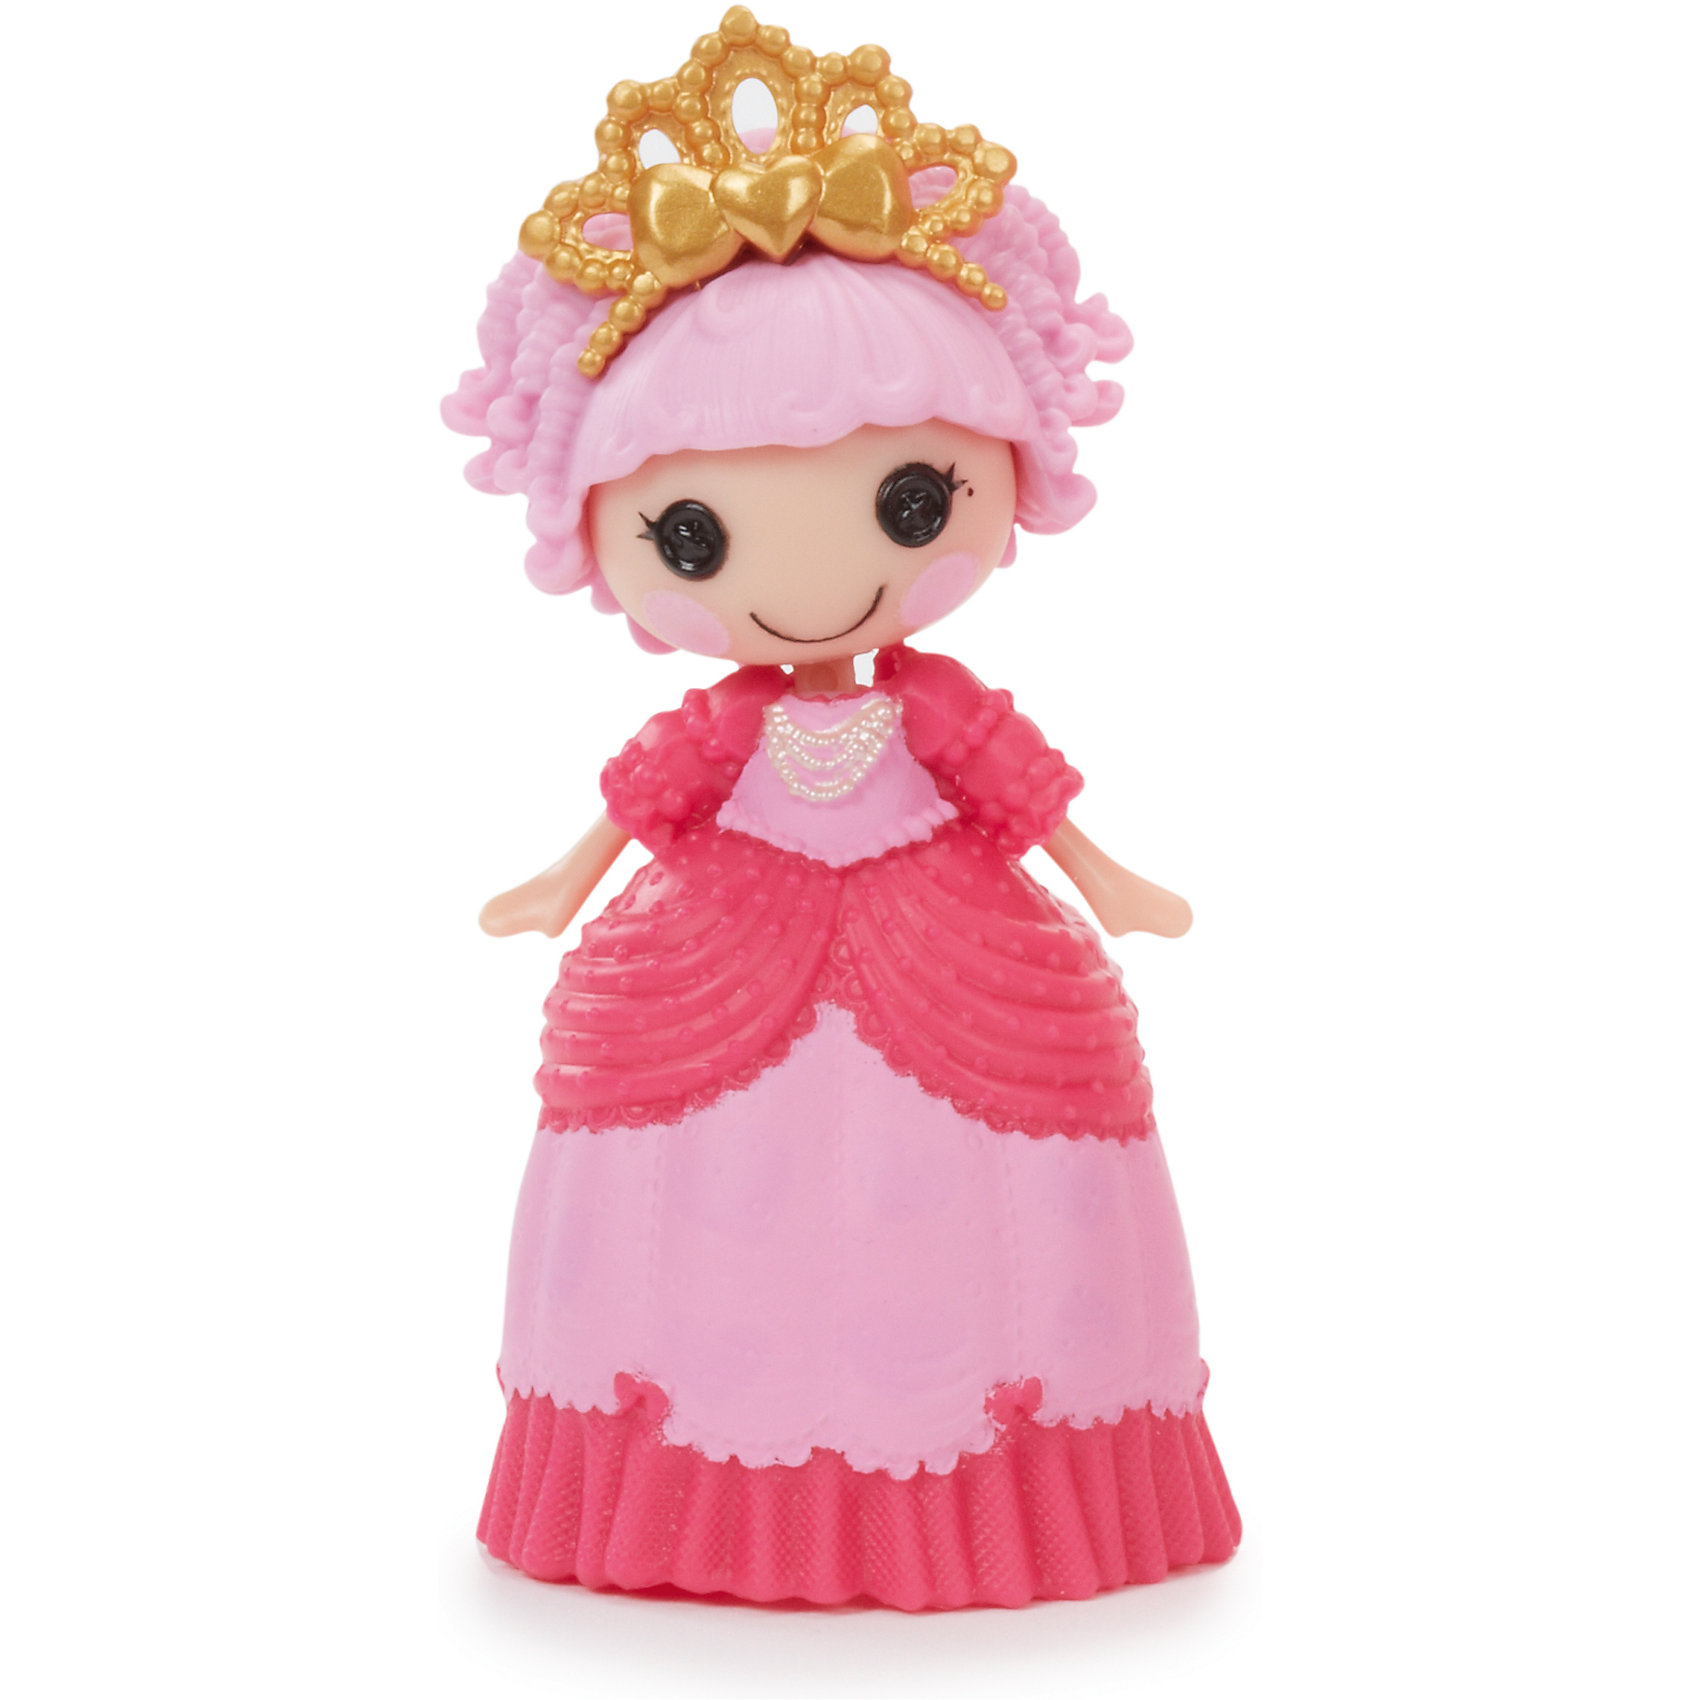 Кукла Сокровище, Мини-ЛалалупсиМини-куклы<br>Характеристики товара:<br><br>- цвет: разноцветный;<br>- материал: пластик;<br>- подвижные части тела;<br>- комплектация: кукла, аксессуары;<br>- размер упаковки: 18х14х4 см.<br>- размер куклы: 7,5 см.<br><br>Эти симпатичные куклы Мини-Лалалупси от известного бренда не оставят девочку равнодушной! Какая девочка сможет отказаться поиграть с куклами, которых можно переодевать и менять им прически благодаря набору аксессуаров?! В комплект входят наряды, аксессуары, обувь и парики. Игрушка очень качественно выполнена, поэтому она станет замечательным подарком ребенку. <br>Продается набор в красивой удобной упаковке. Изделие произведено из высококачественного материала, безопасного для детей.<br><br>Куклу Сокровище, Мини-Лалалупси, можно купить в нашем интернет-магазине.<br><br>Ширина мм: 200<br>Глубина мм: 210<br>Высота мм: 60<br>Вес г: 163<br>Возраст от месяцев: 36<br>Возраст до месяцев: 2147483647<br>Пол: Женский<br>Возраст: Детский<br>SKU: 5140218